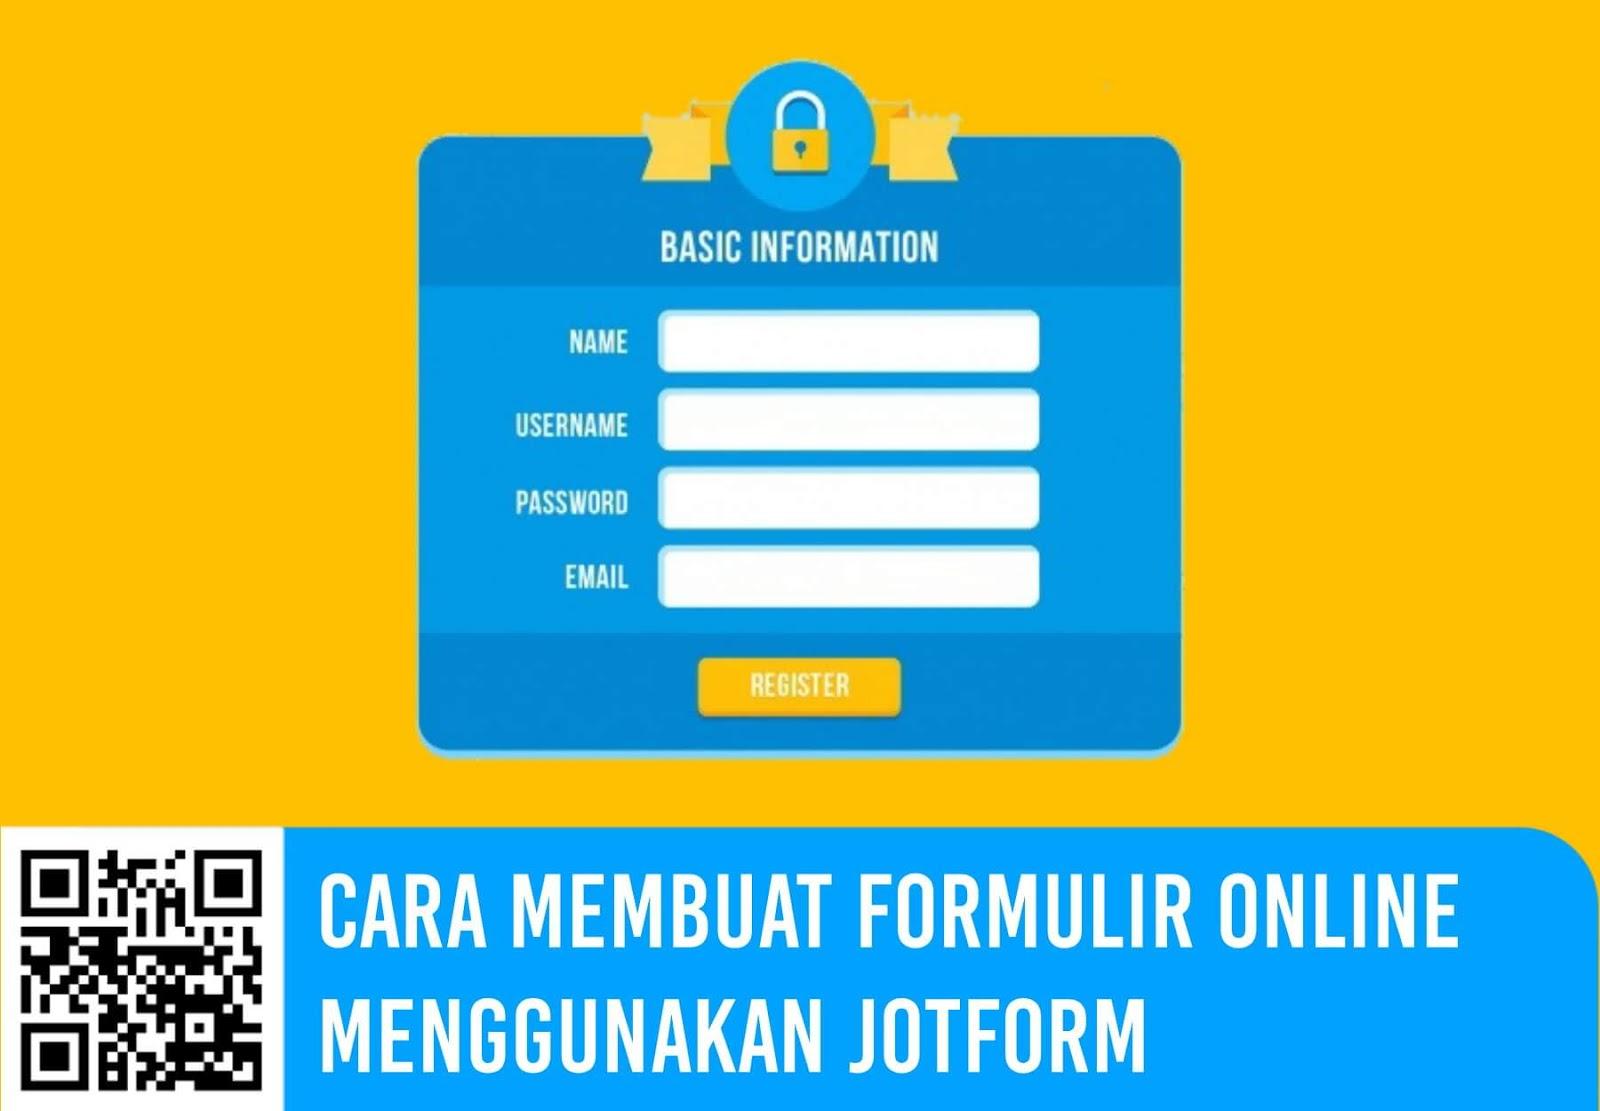 Cara Membuat Formulir Online Menggunakan JotForm